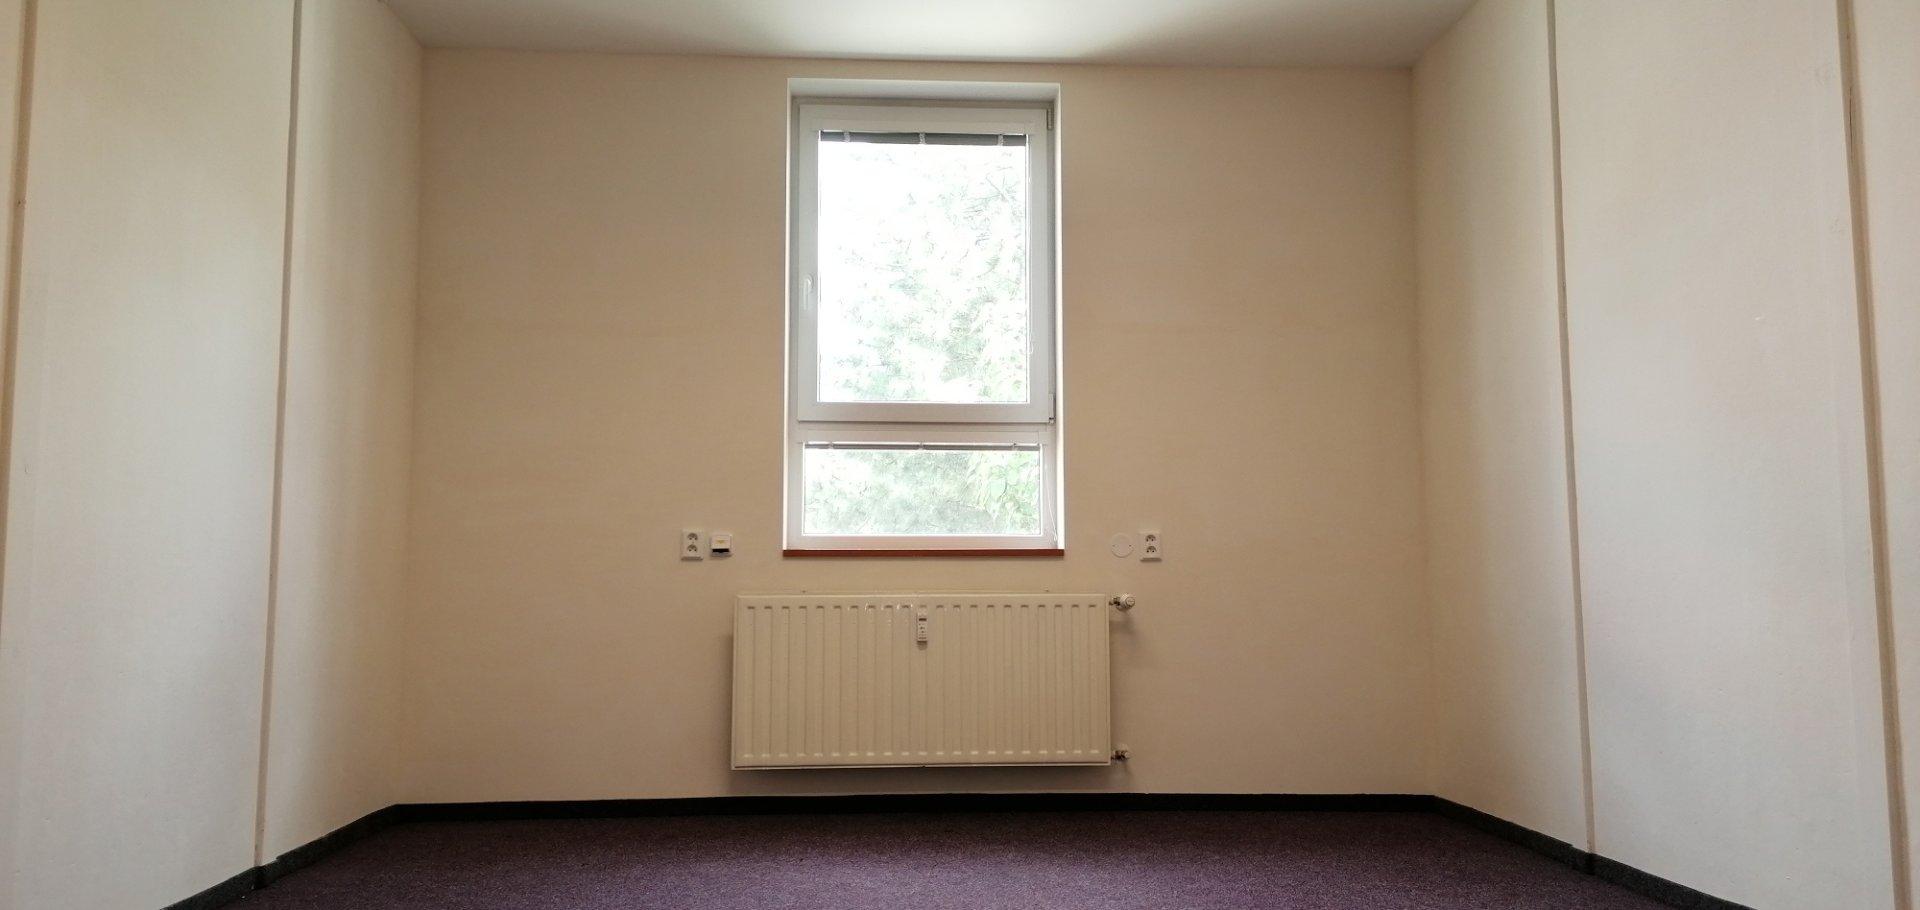 Pronájem, kanceláře 38m2 Tolstého 451, Teplice - Řetenice